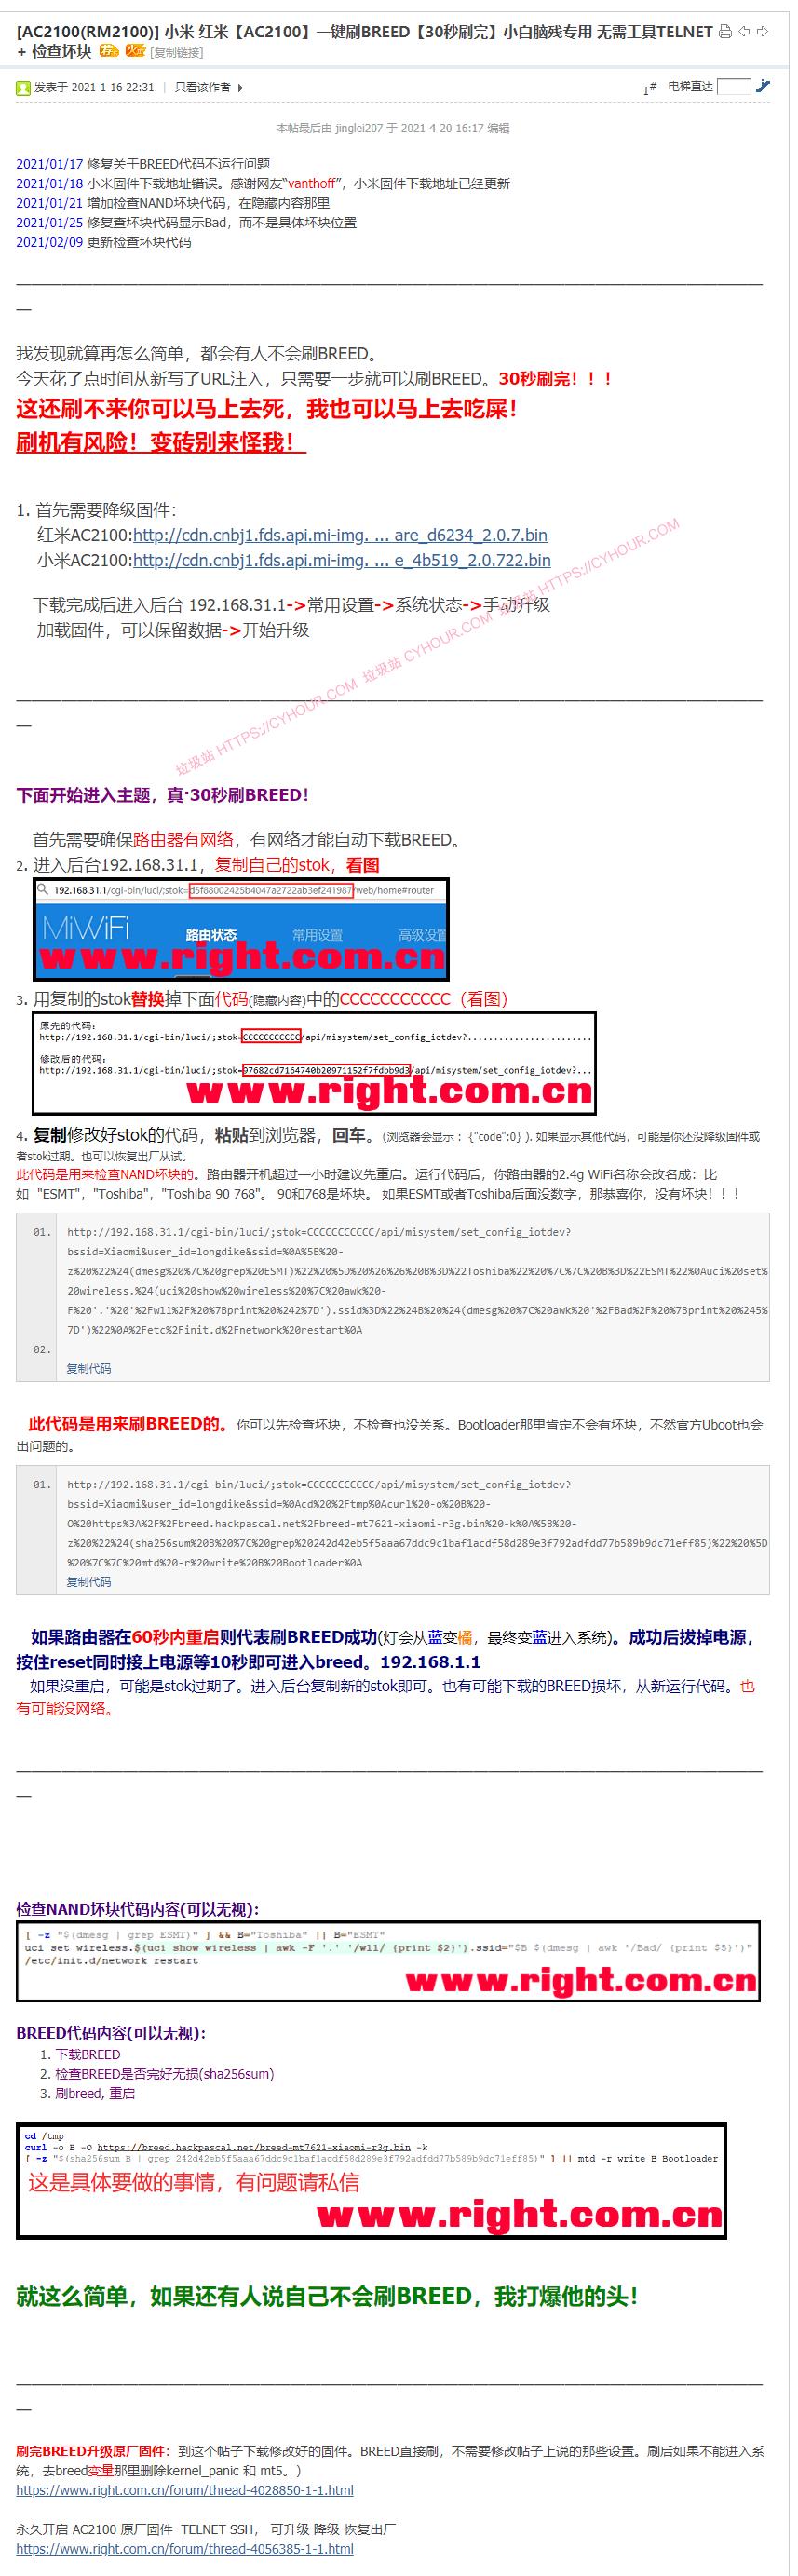 红米 Redmi AC2100 百元路由器 breed OpenWRT 固件收集 K2P 替代品-垃圾站